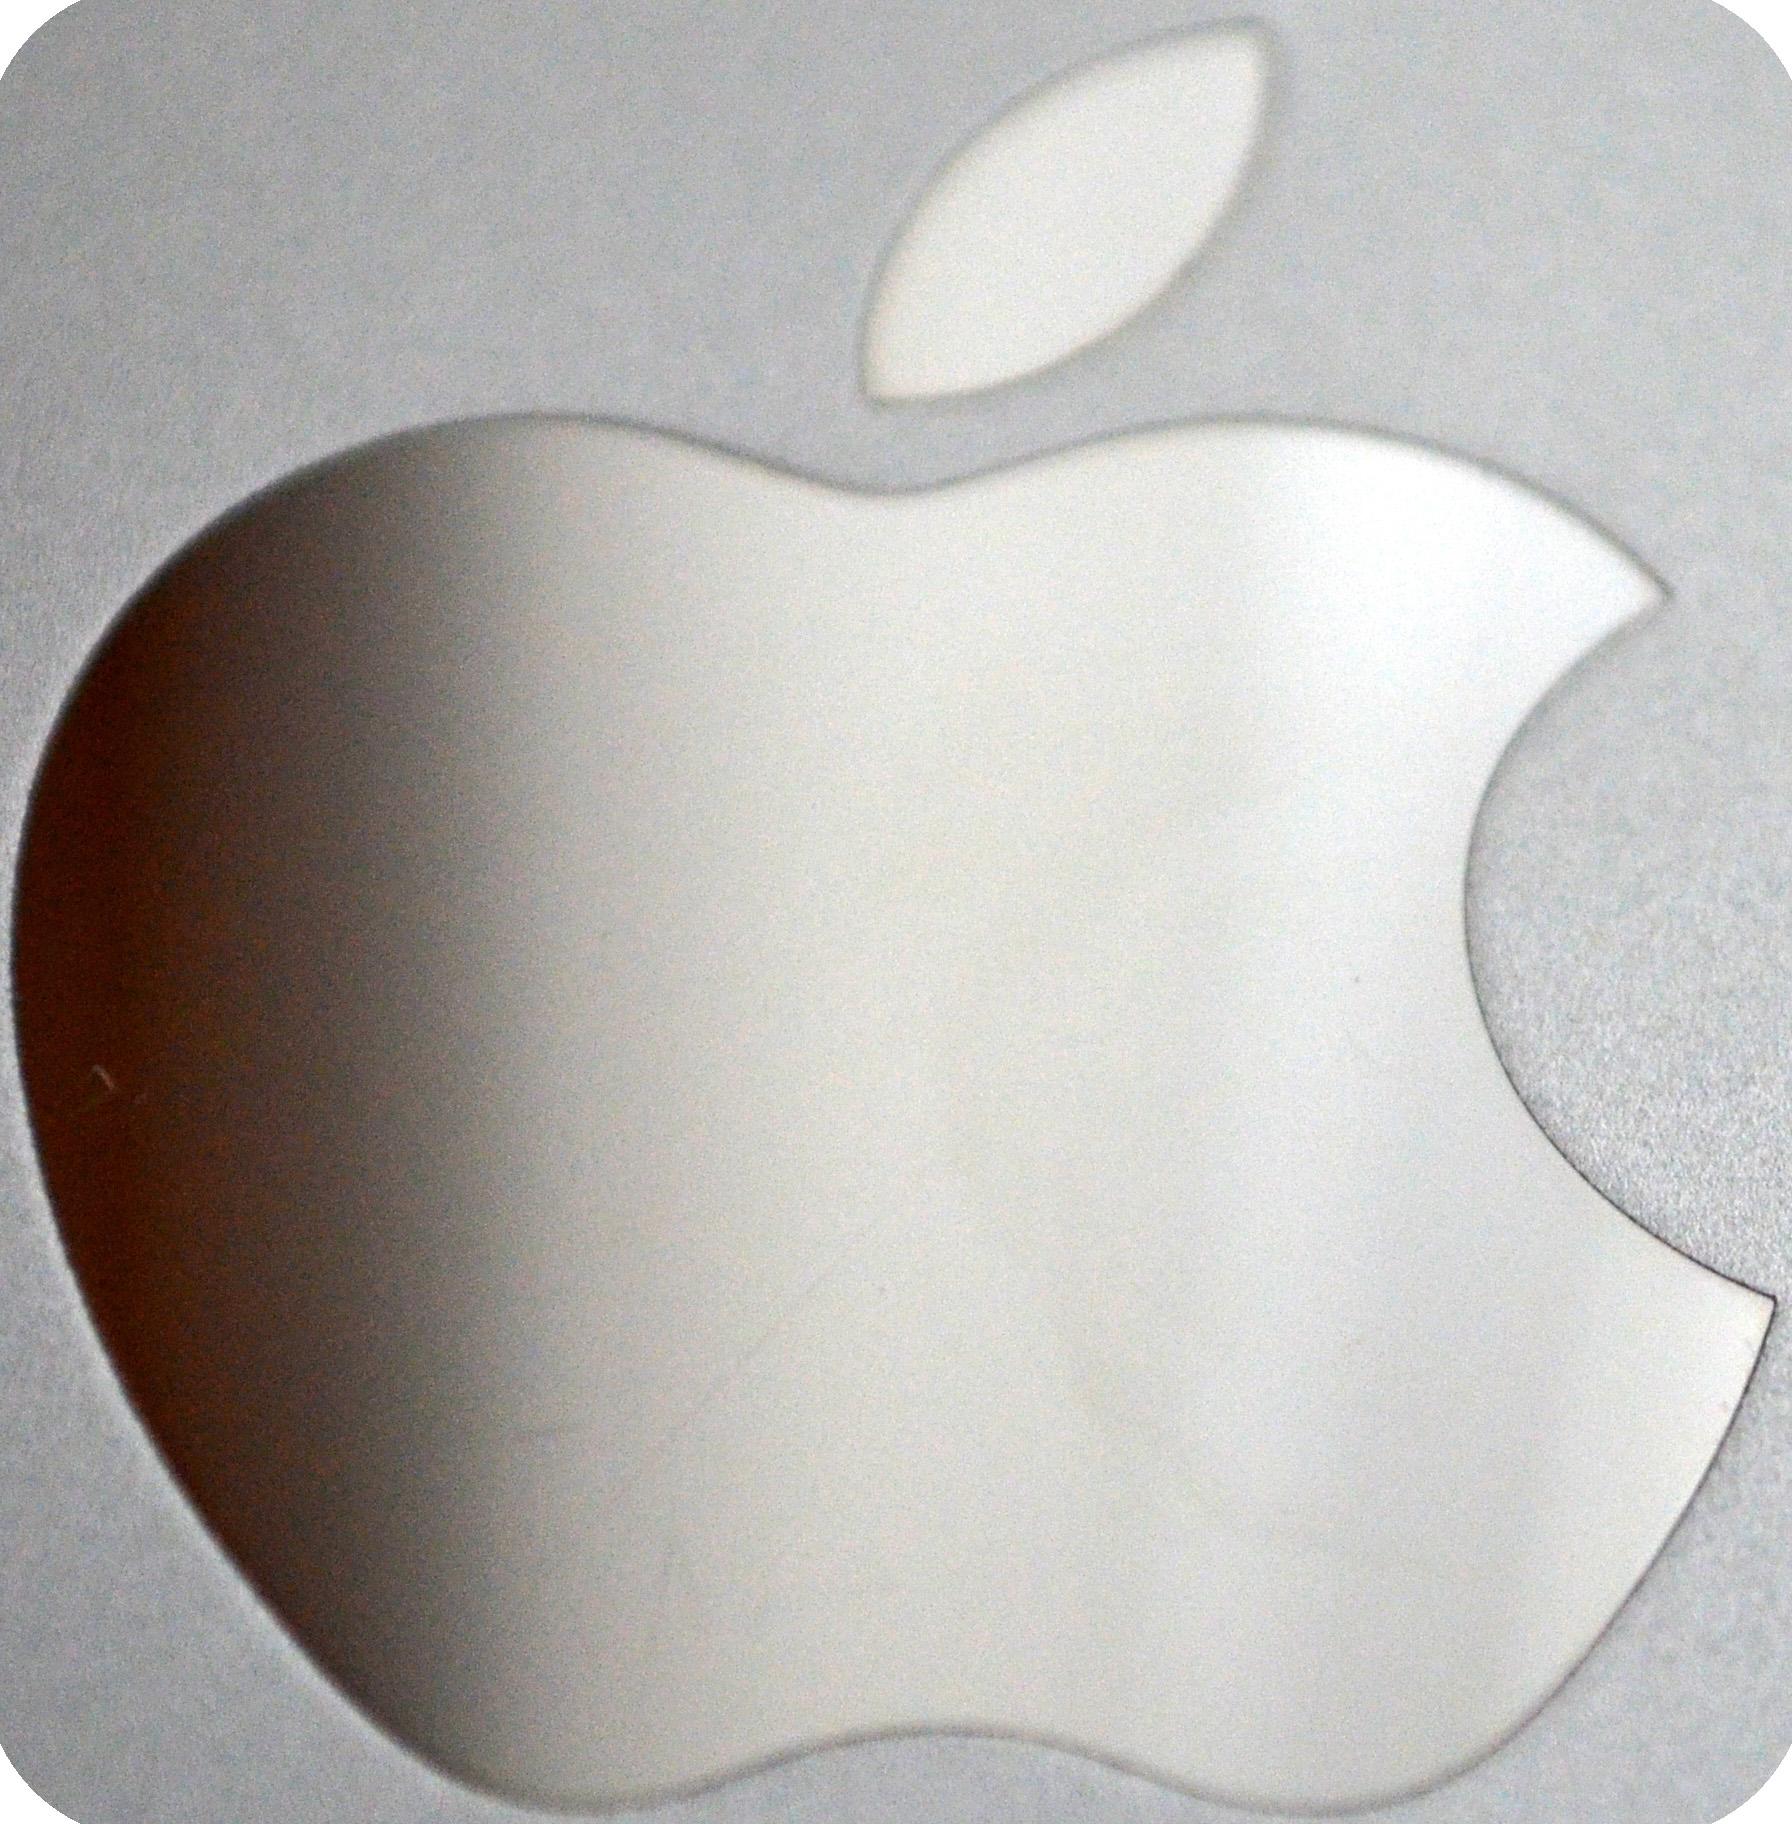 Планшеты. iPad — покупка года